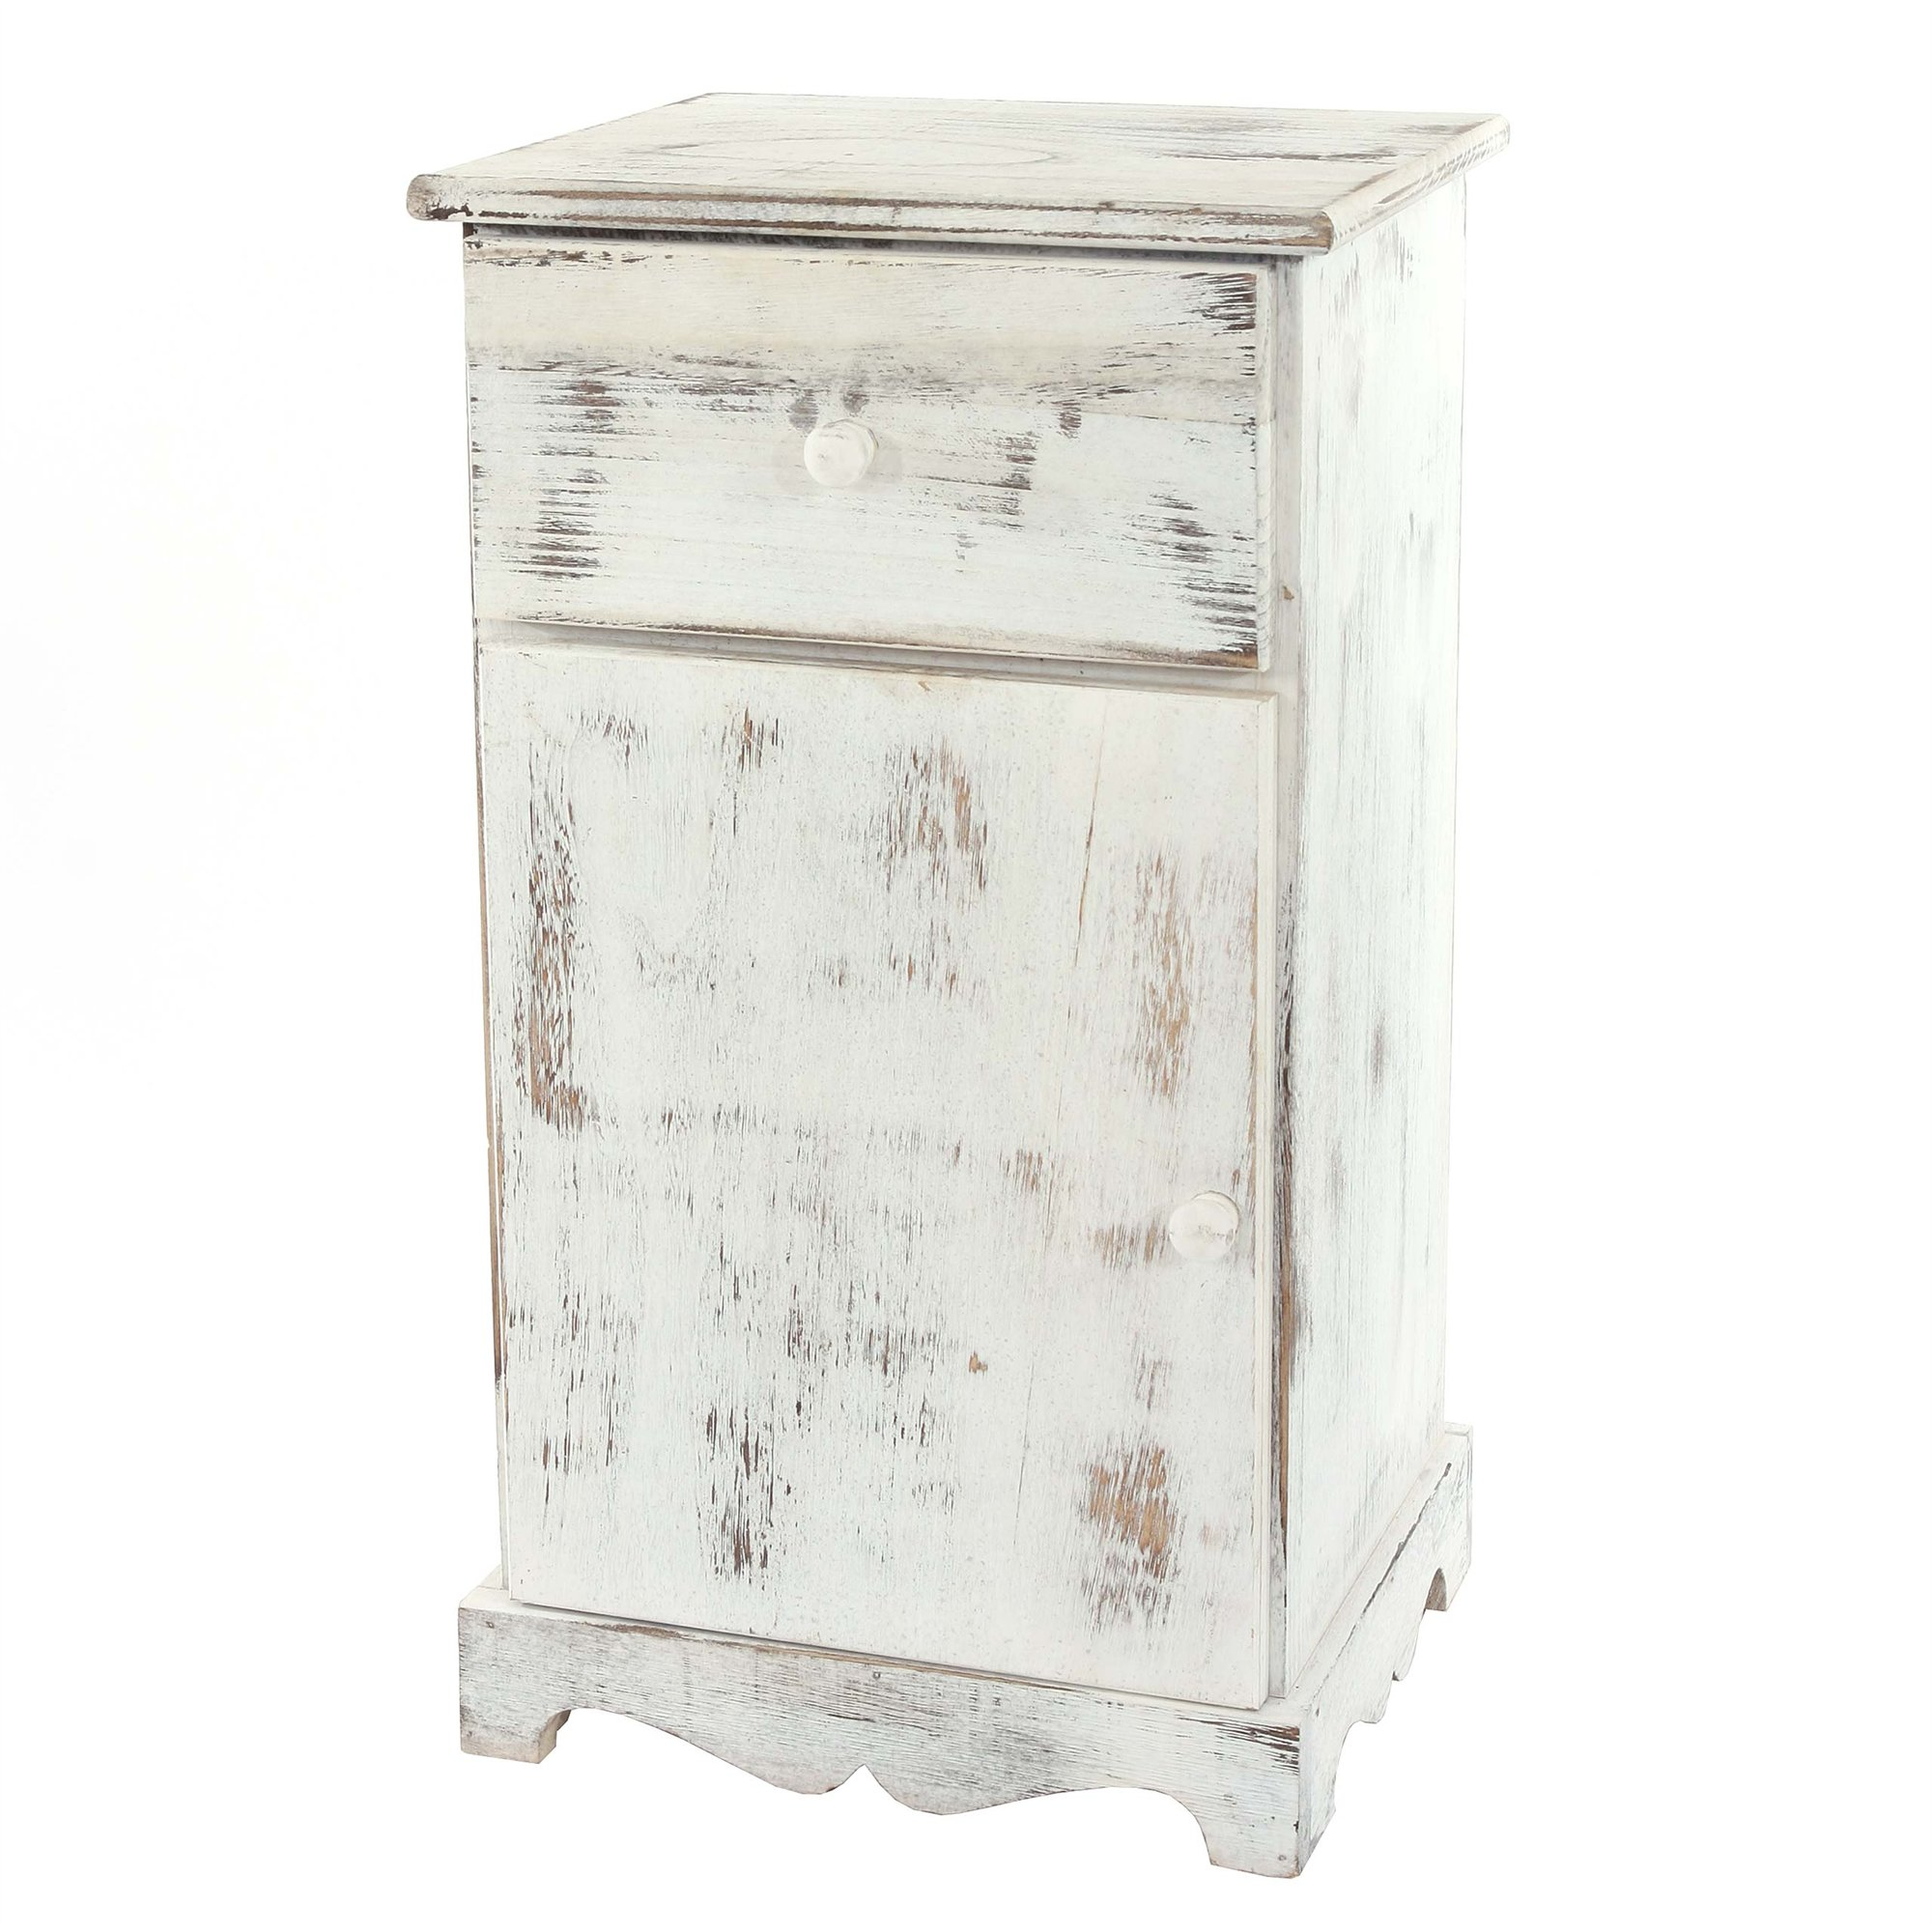 C moda mesita de noche de 63x35x29cm estilo vintage color blanco - Mesitas de noche valencia ...